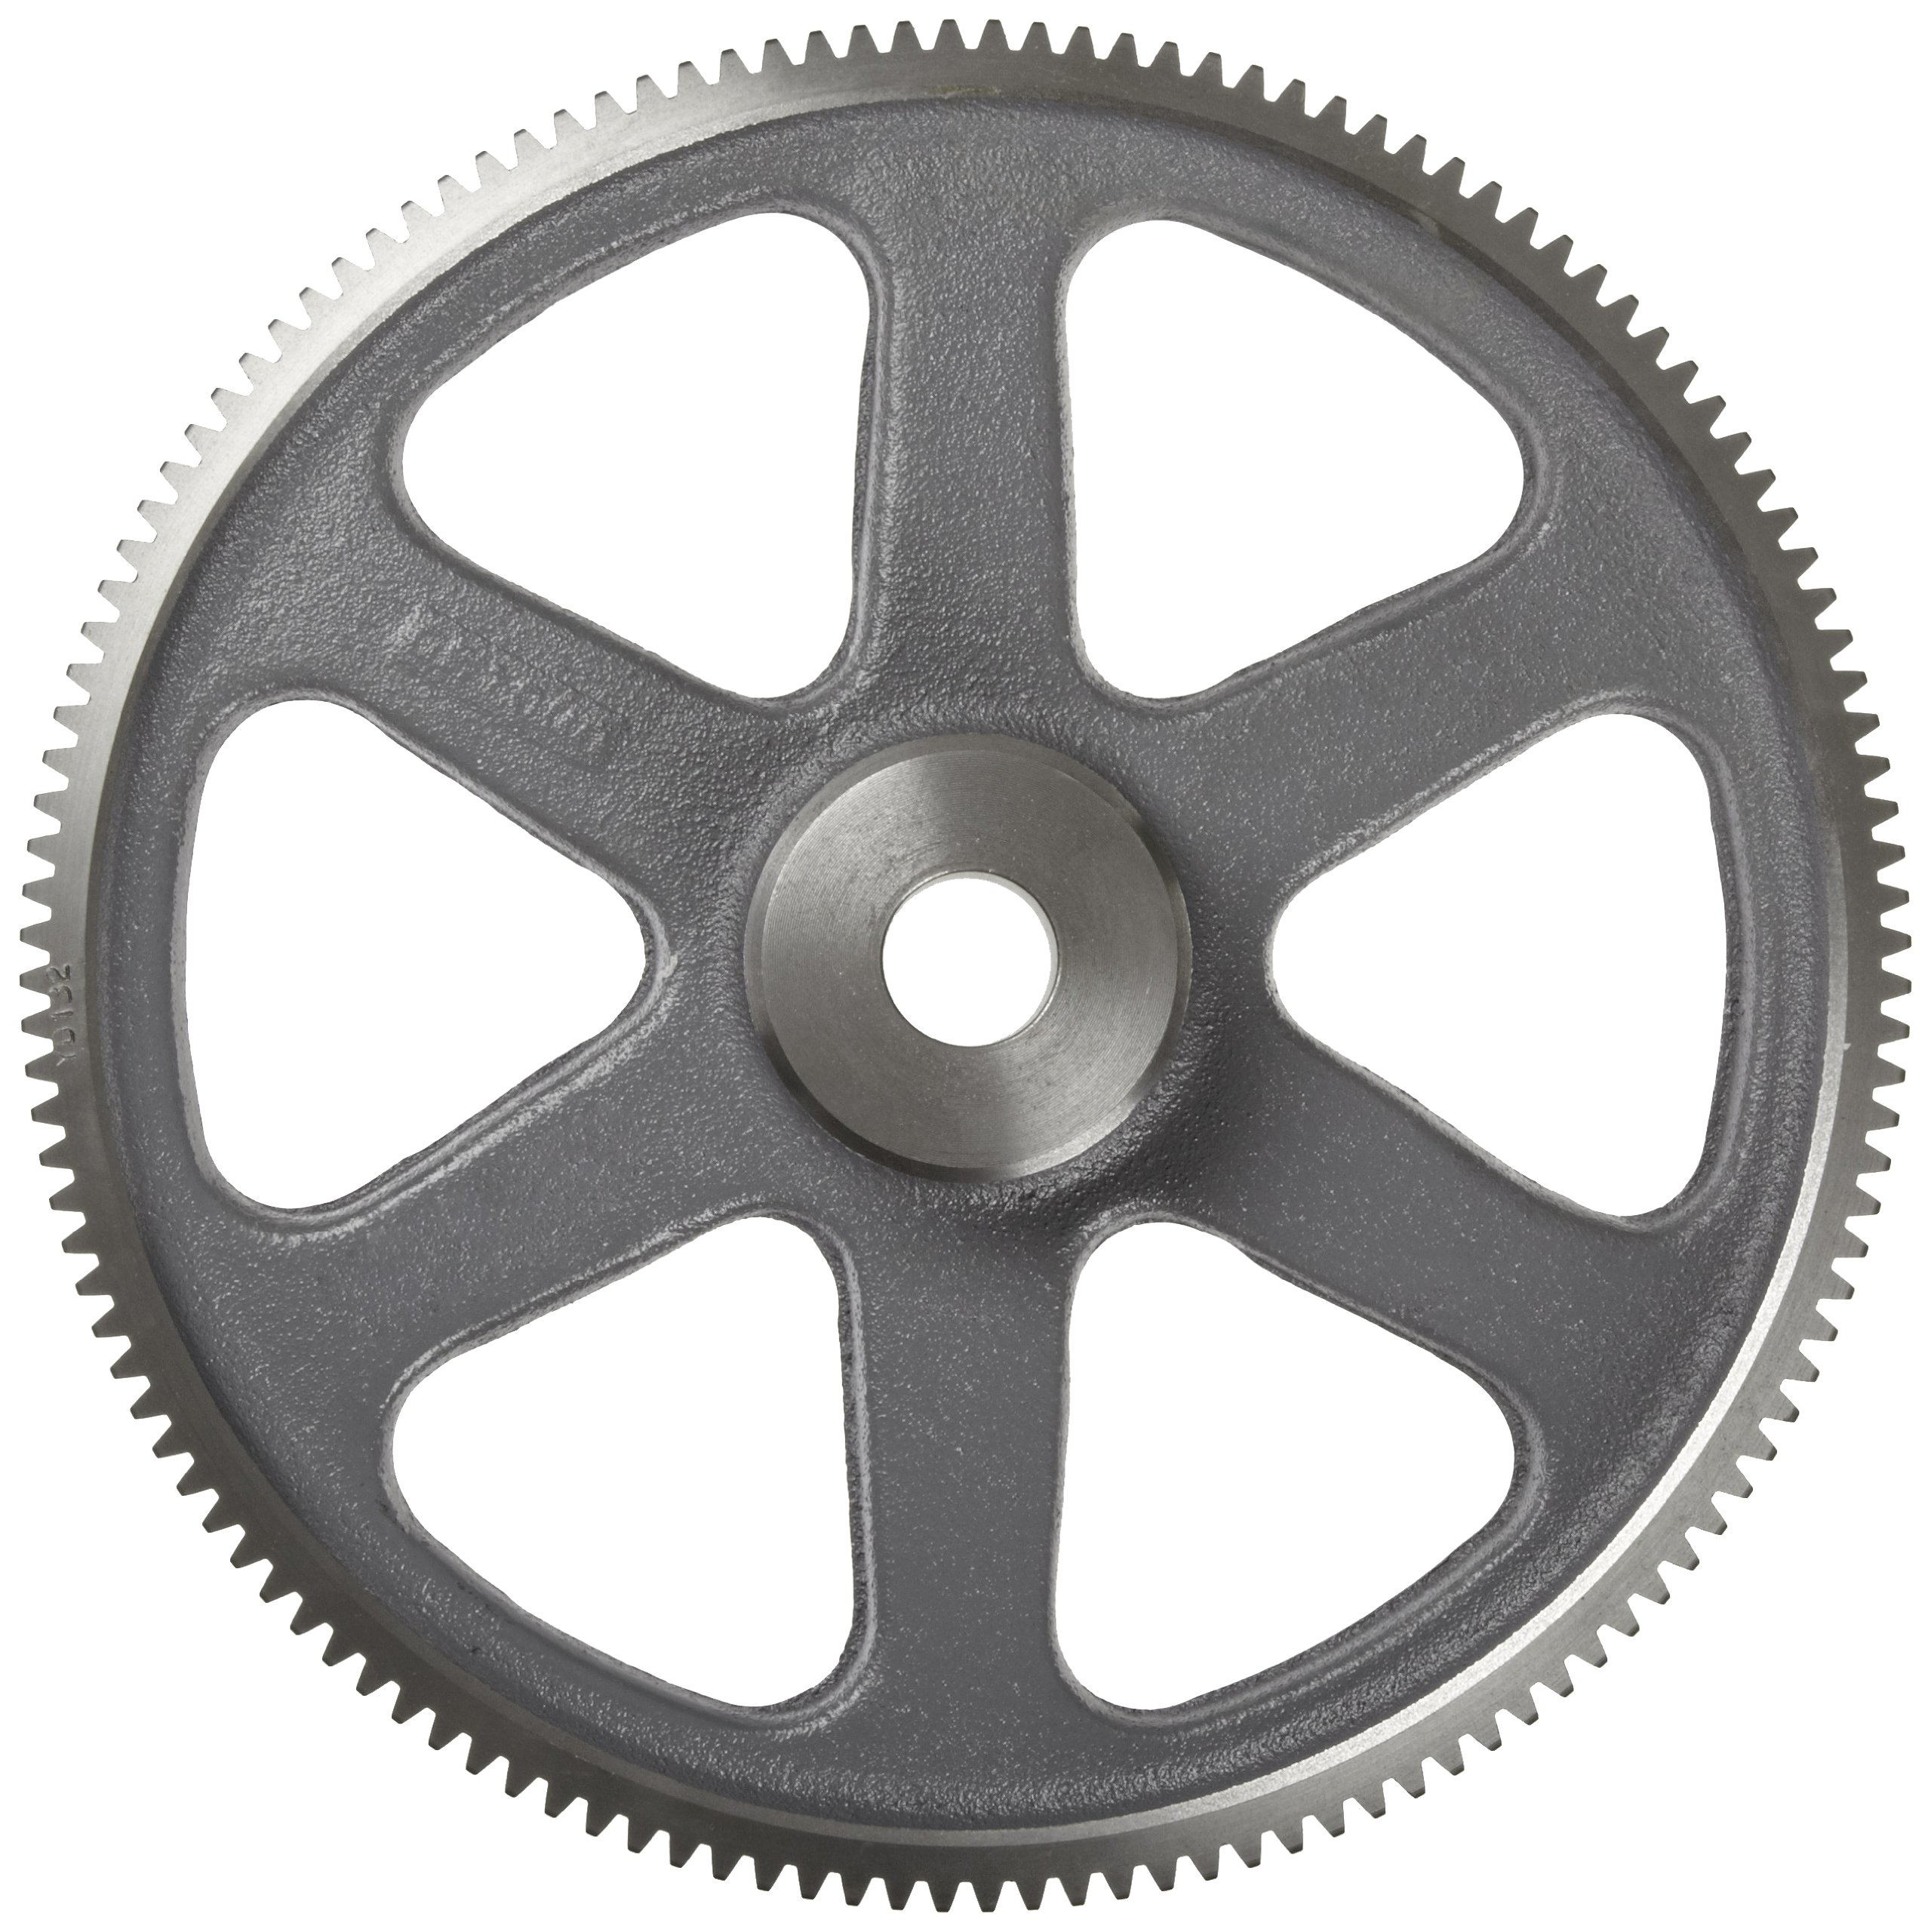 Boston Gear YD120 Spur Gear, Cast Iron, Inch, 12 Pitch, 1.000'' Bore, 10.166'' OD, 1.000'' Face Width, 120 Teeth